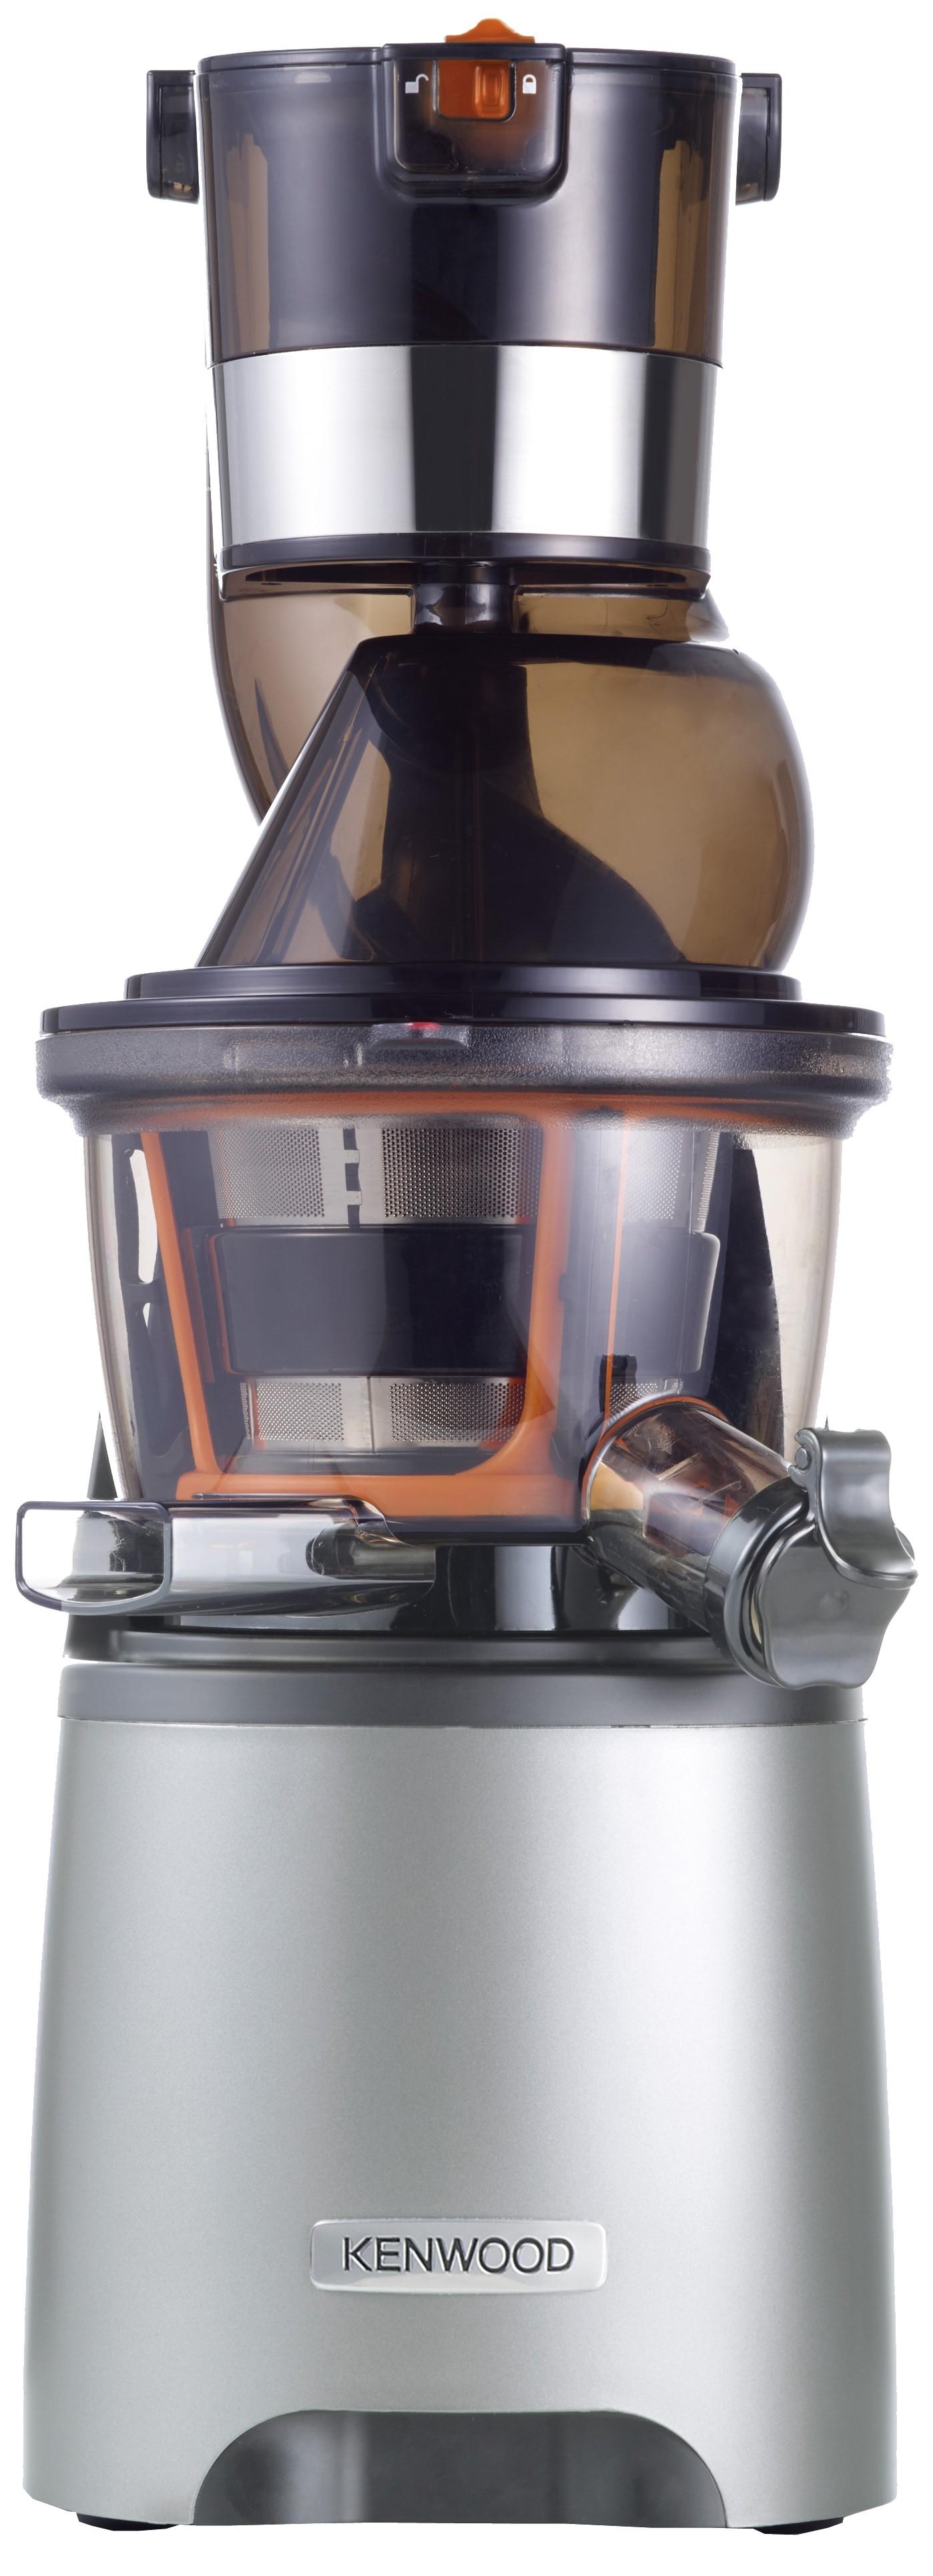 Kenwood Jmp800si Slow Juicer Estrattore Di Kenwood : slow juicer - Prissok - Gir deg laveste pris